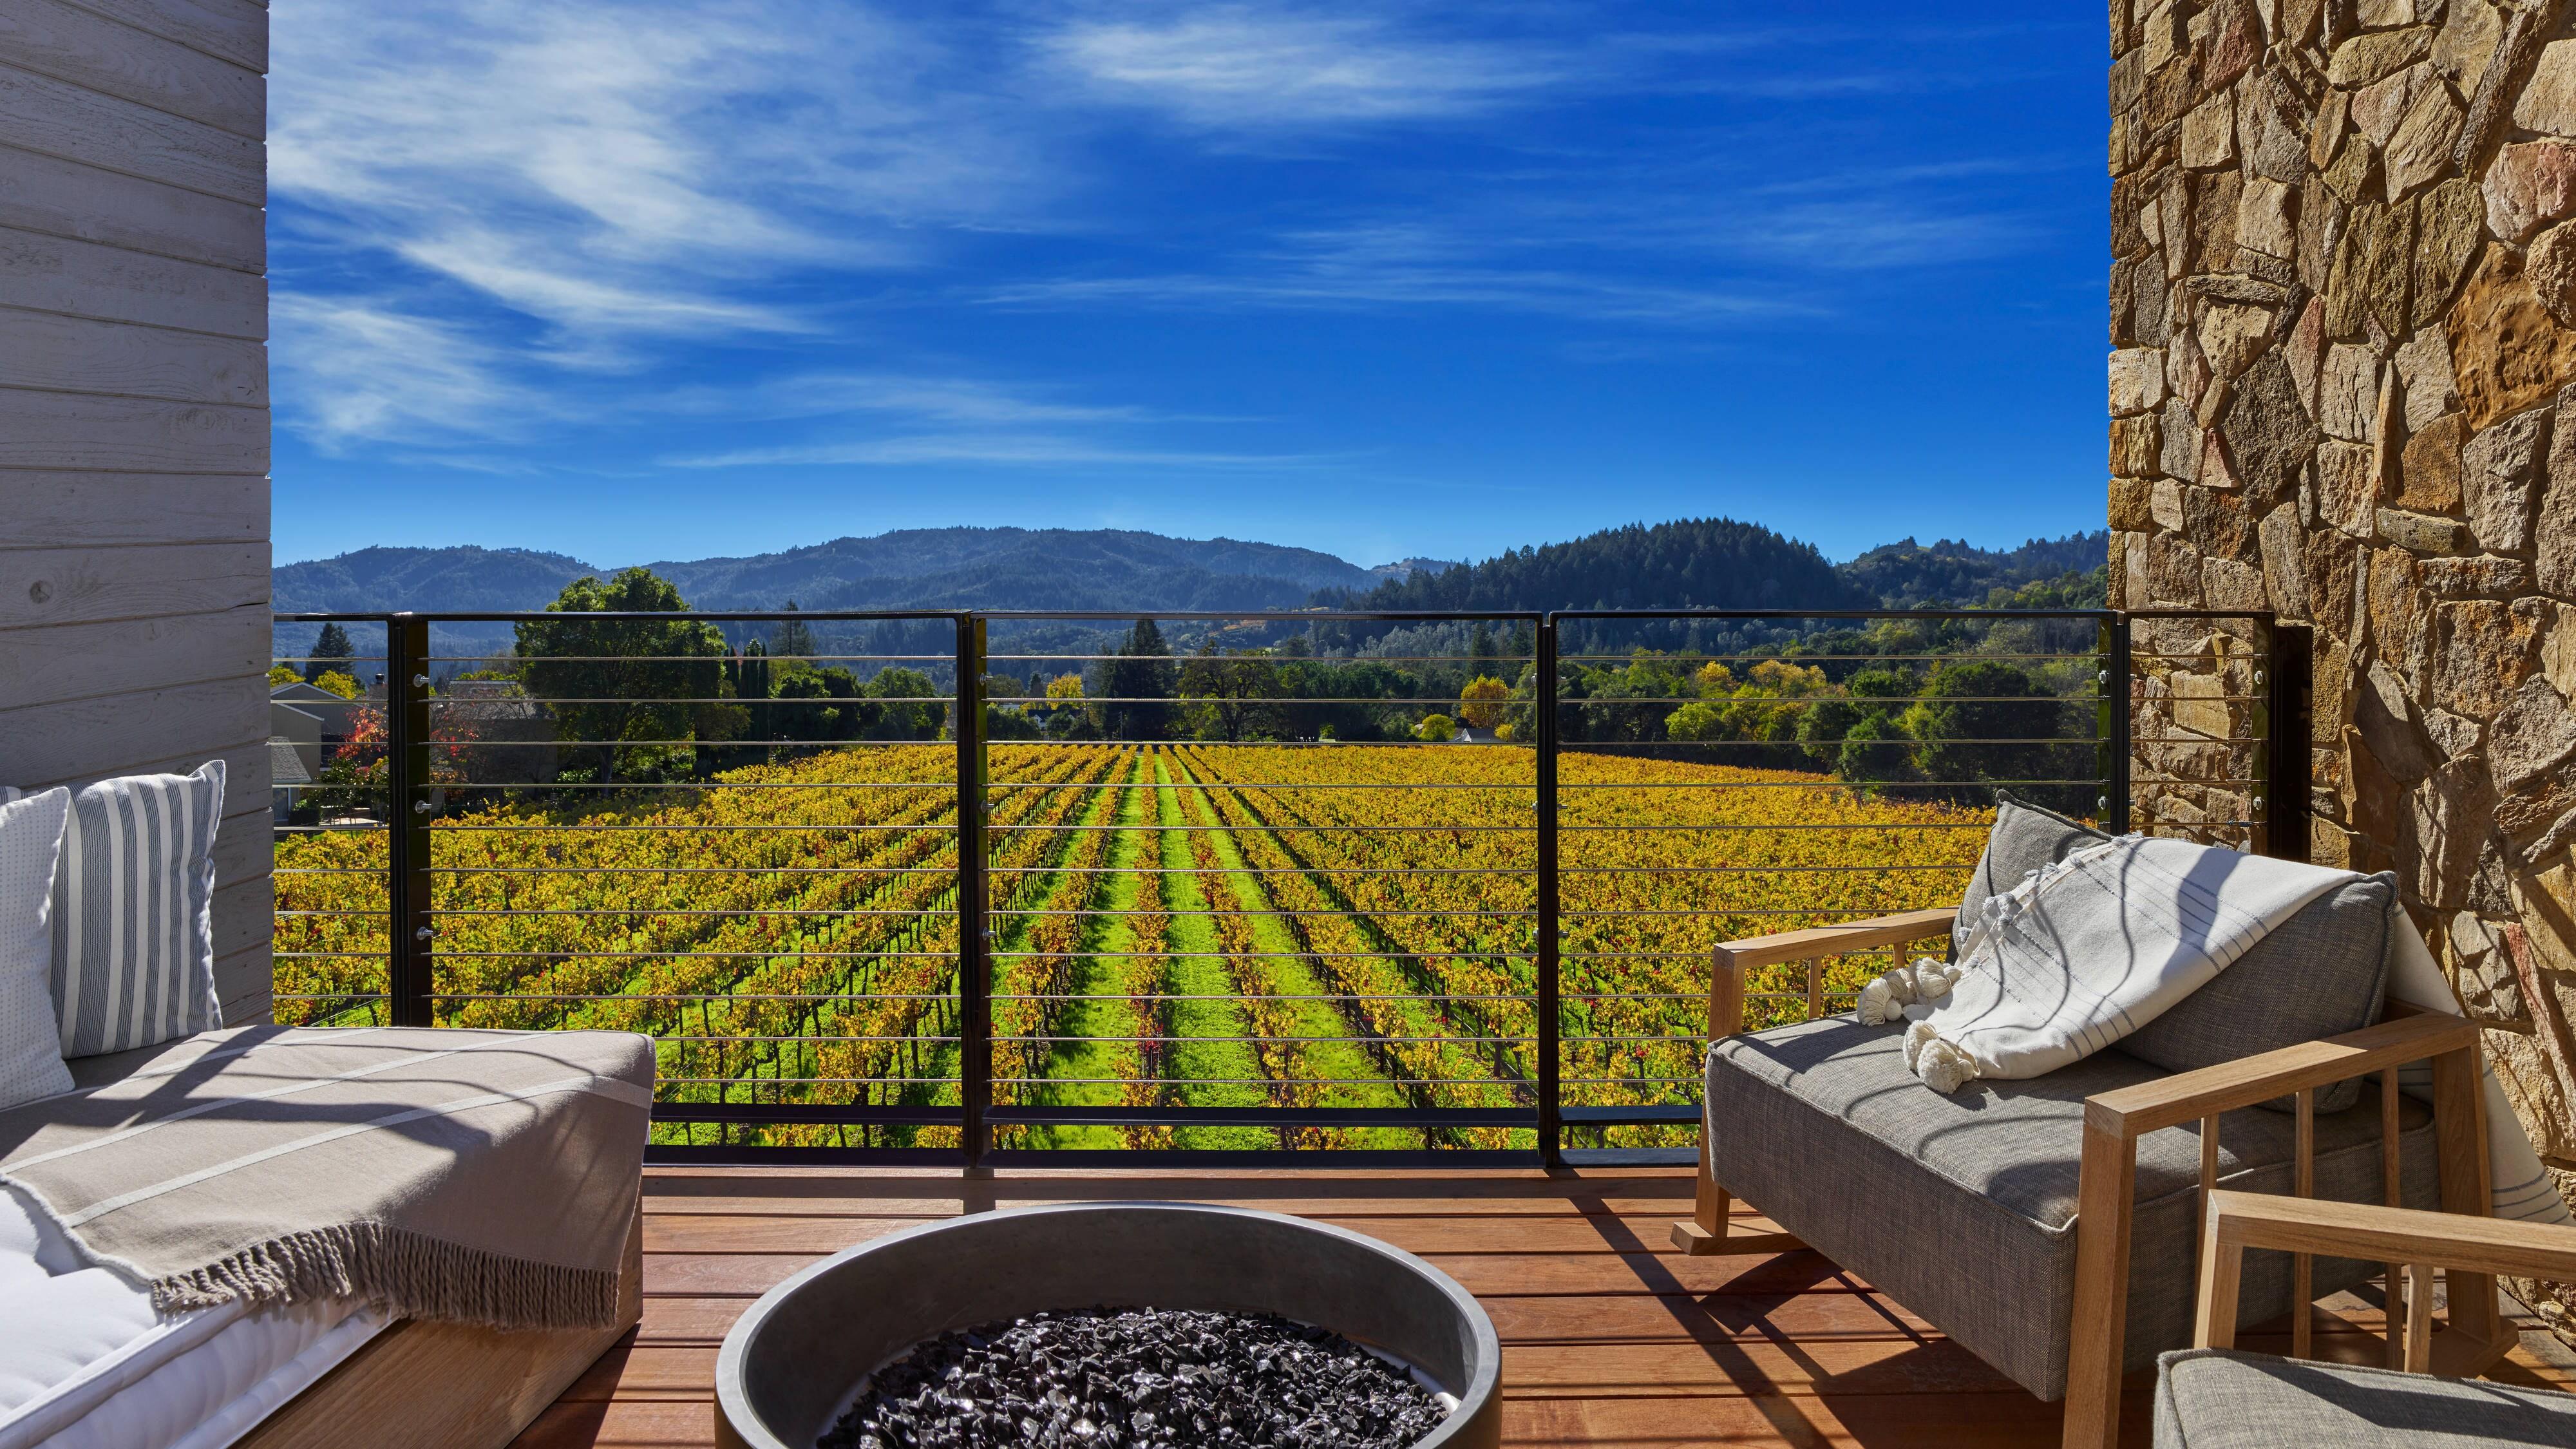 Deluxe King Vineyard View Deck